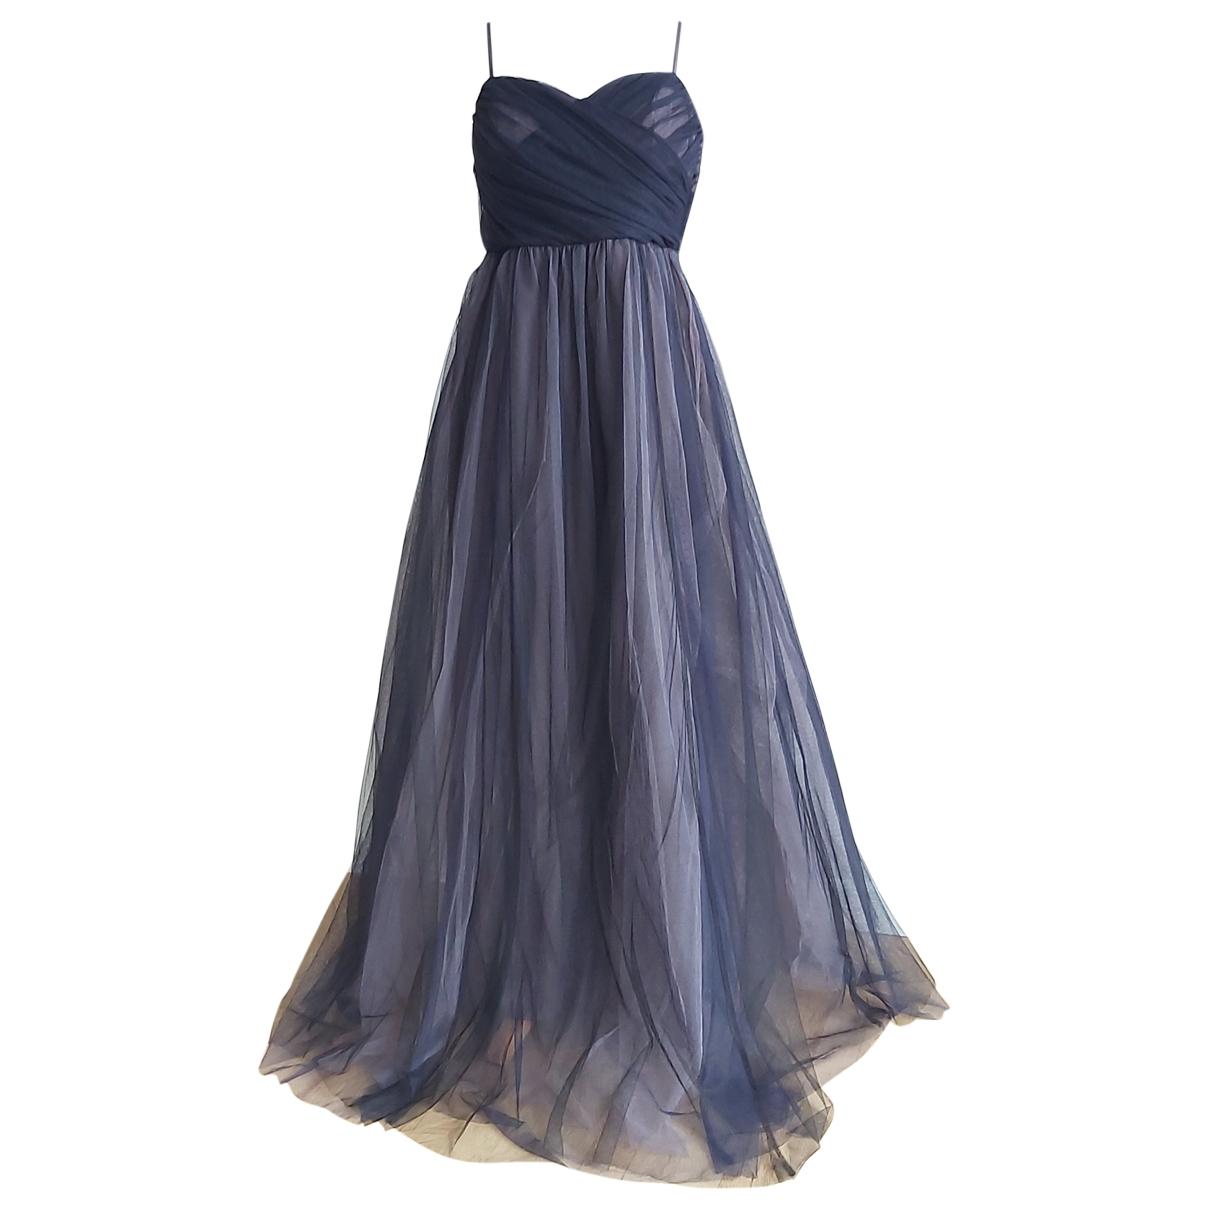 Hoss Intropia \N Navy dress for Women 40 FR